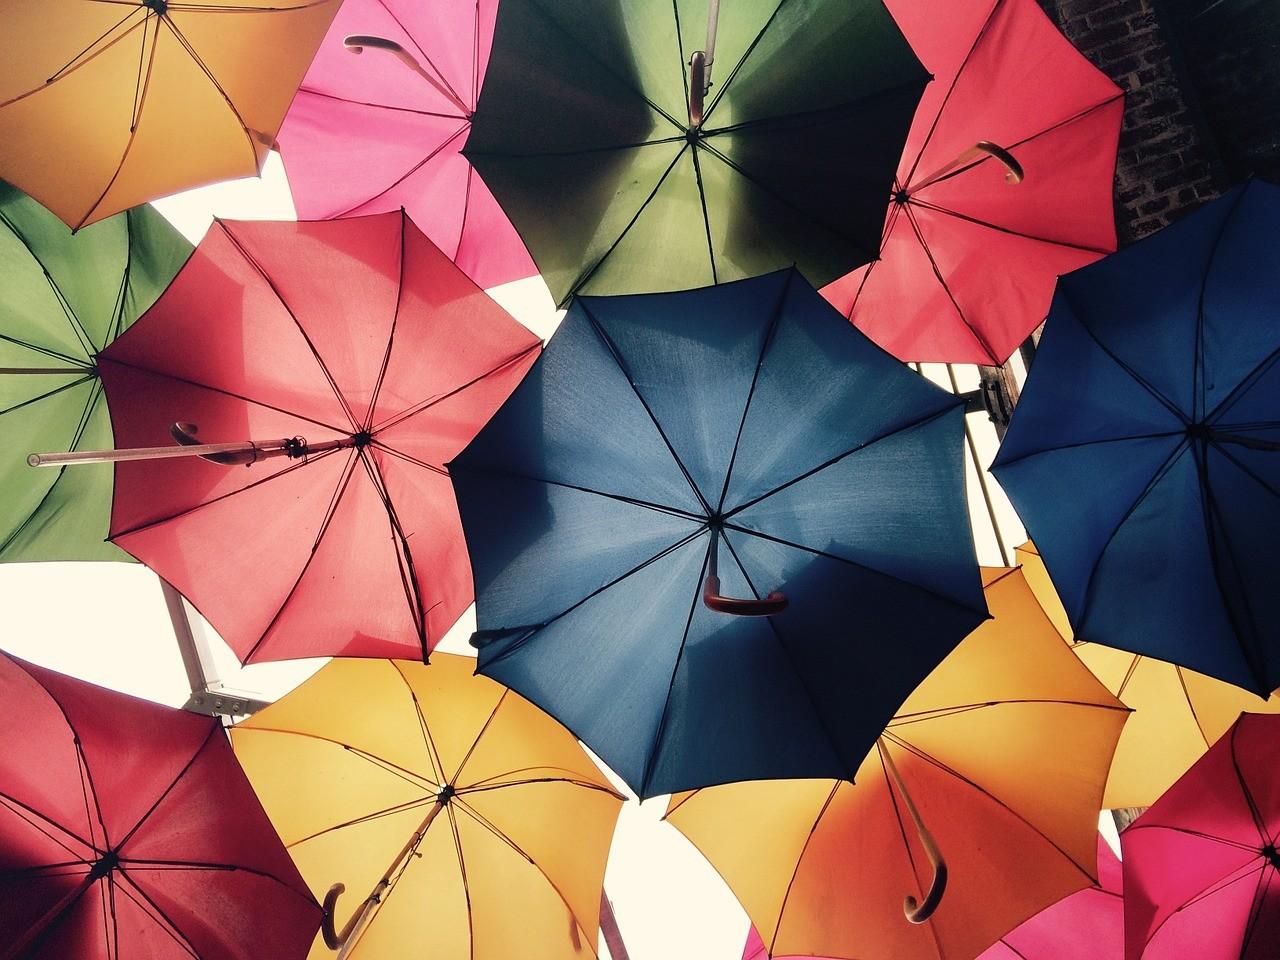 Как выбрать зонт: размер, материал, механизм